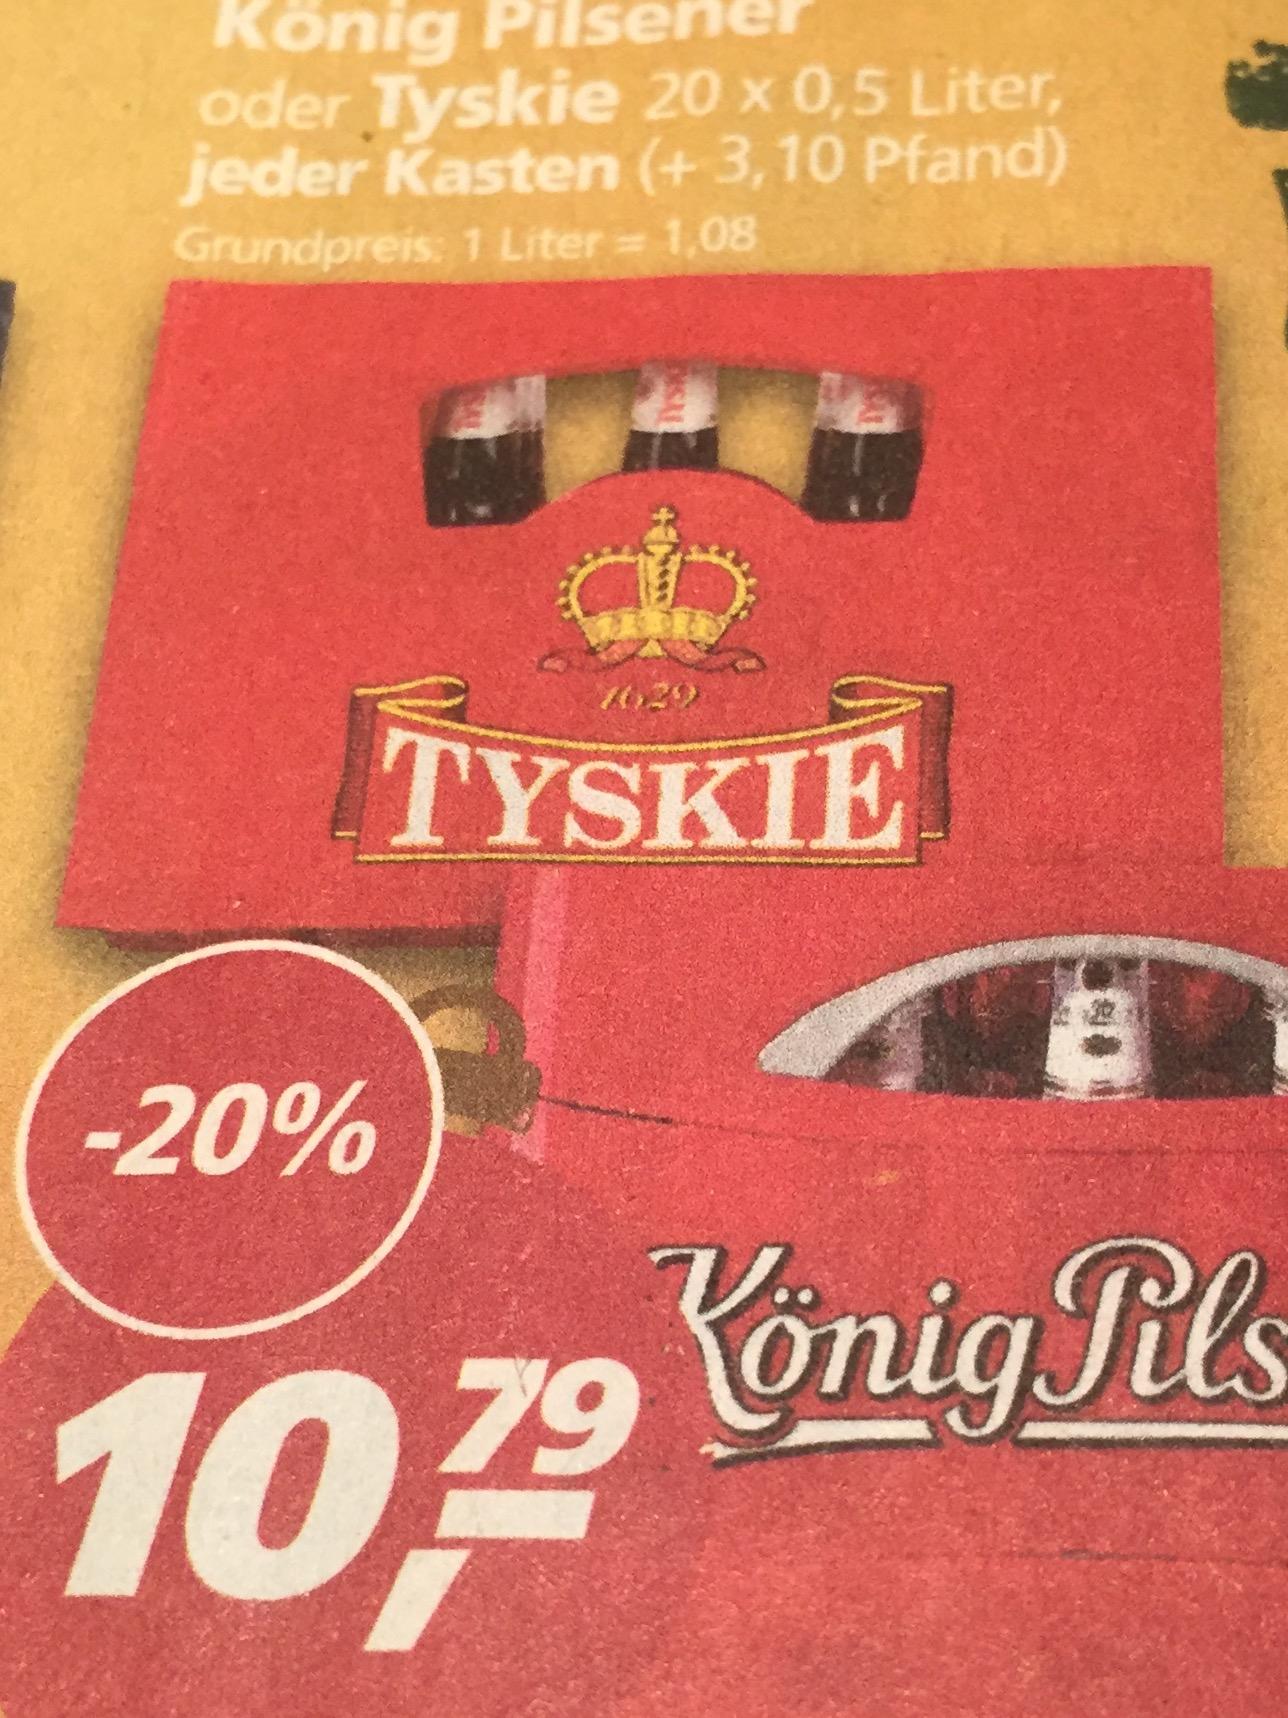 TYSKIE Bier [real,- Landshut]